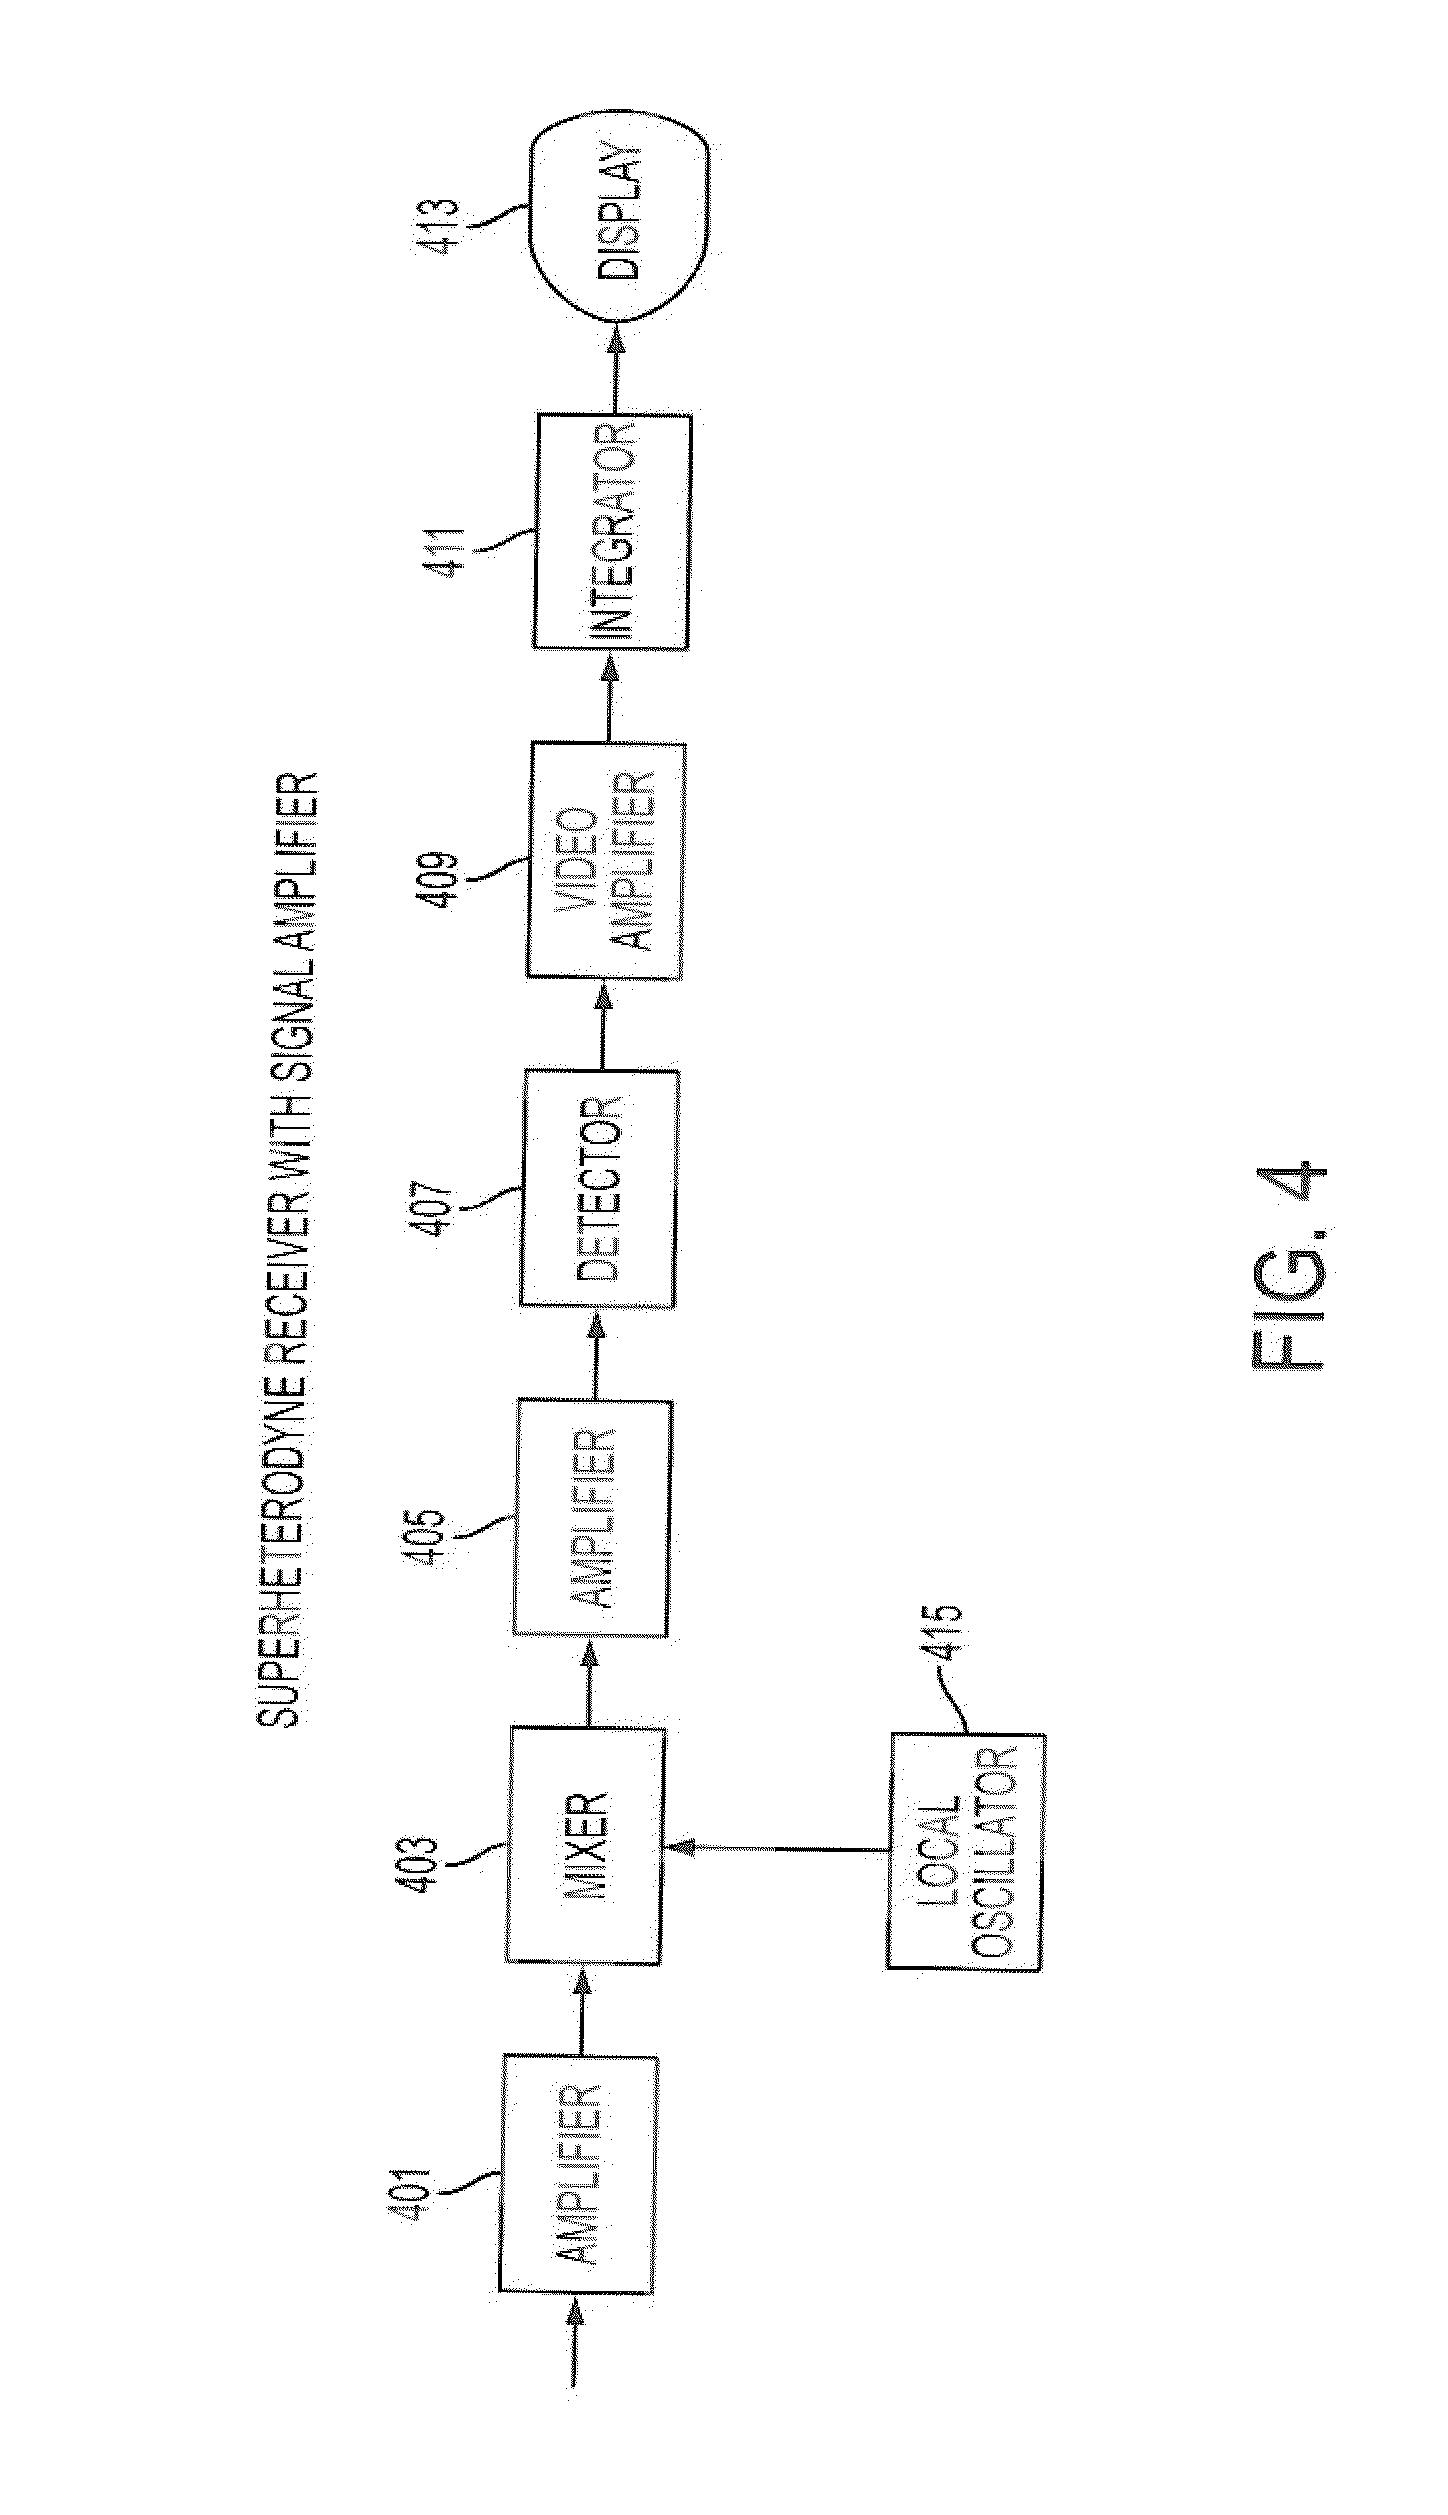 circuit diagram of electronic letter box electronicshuborg